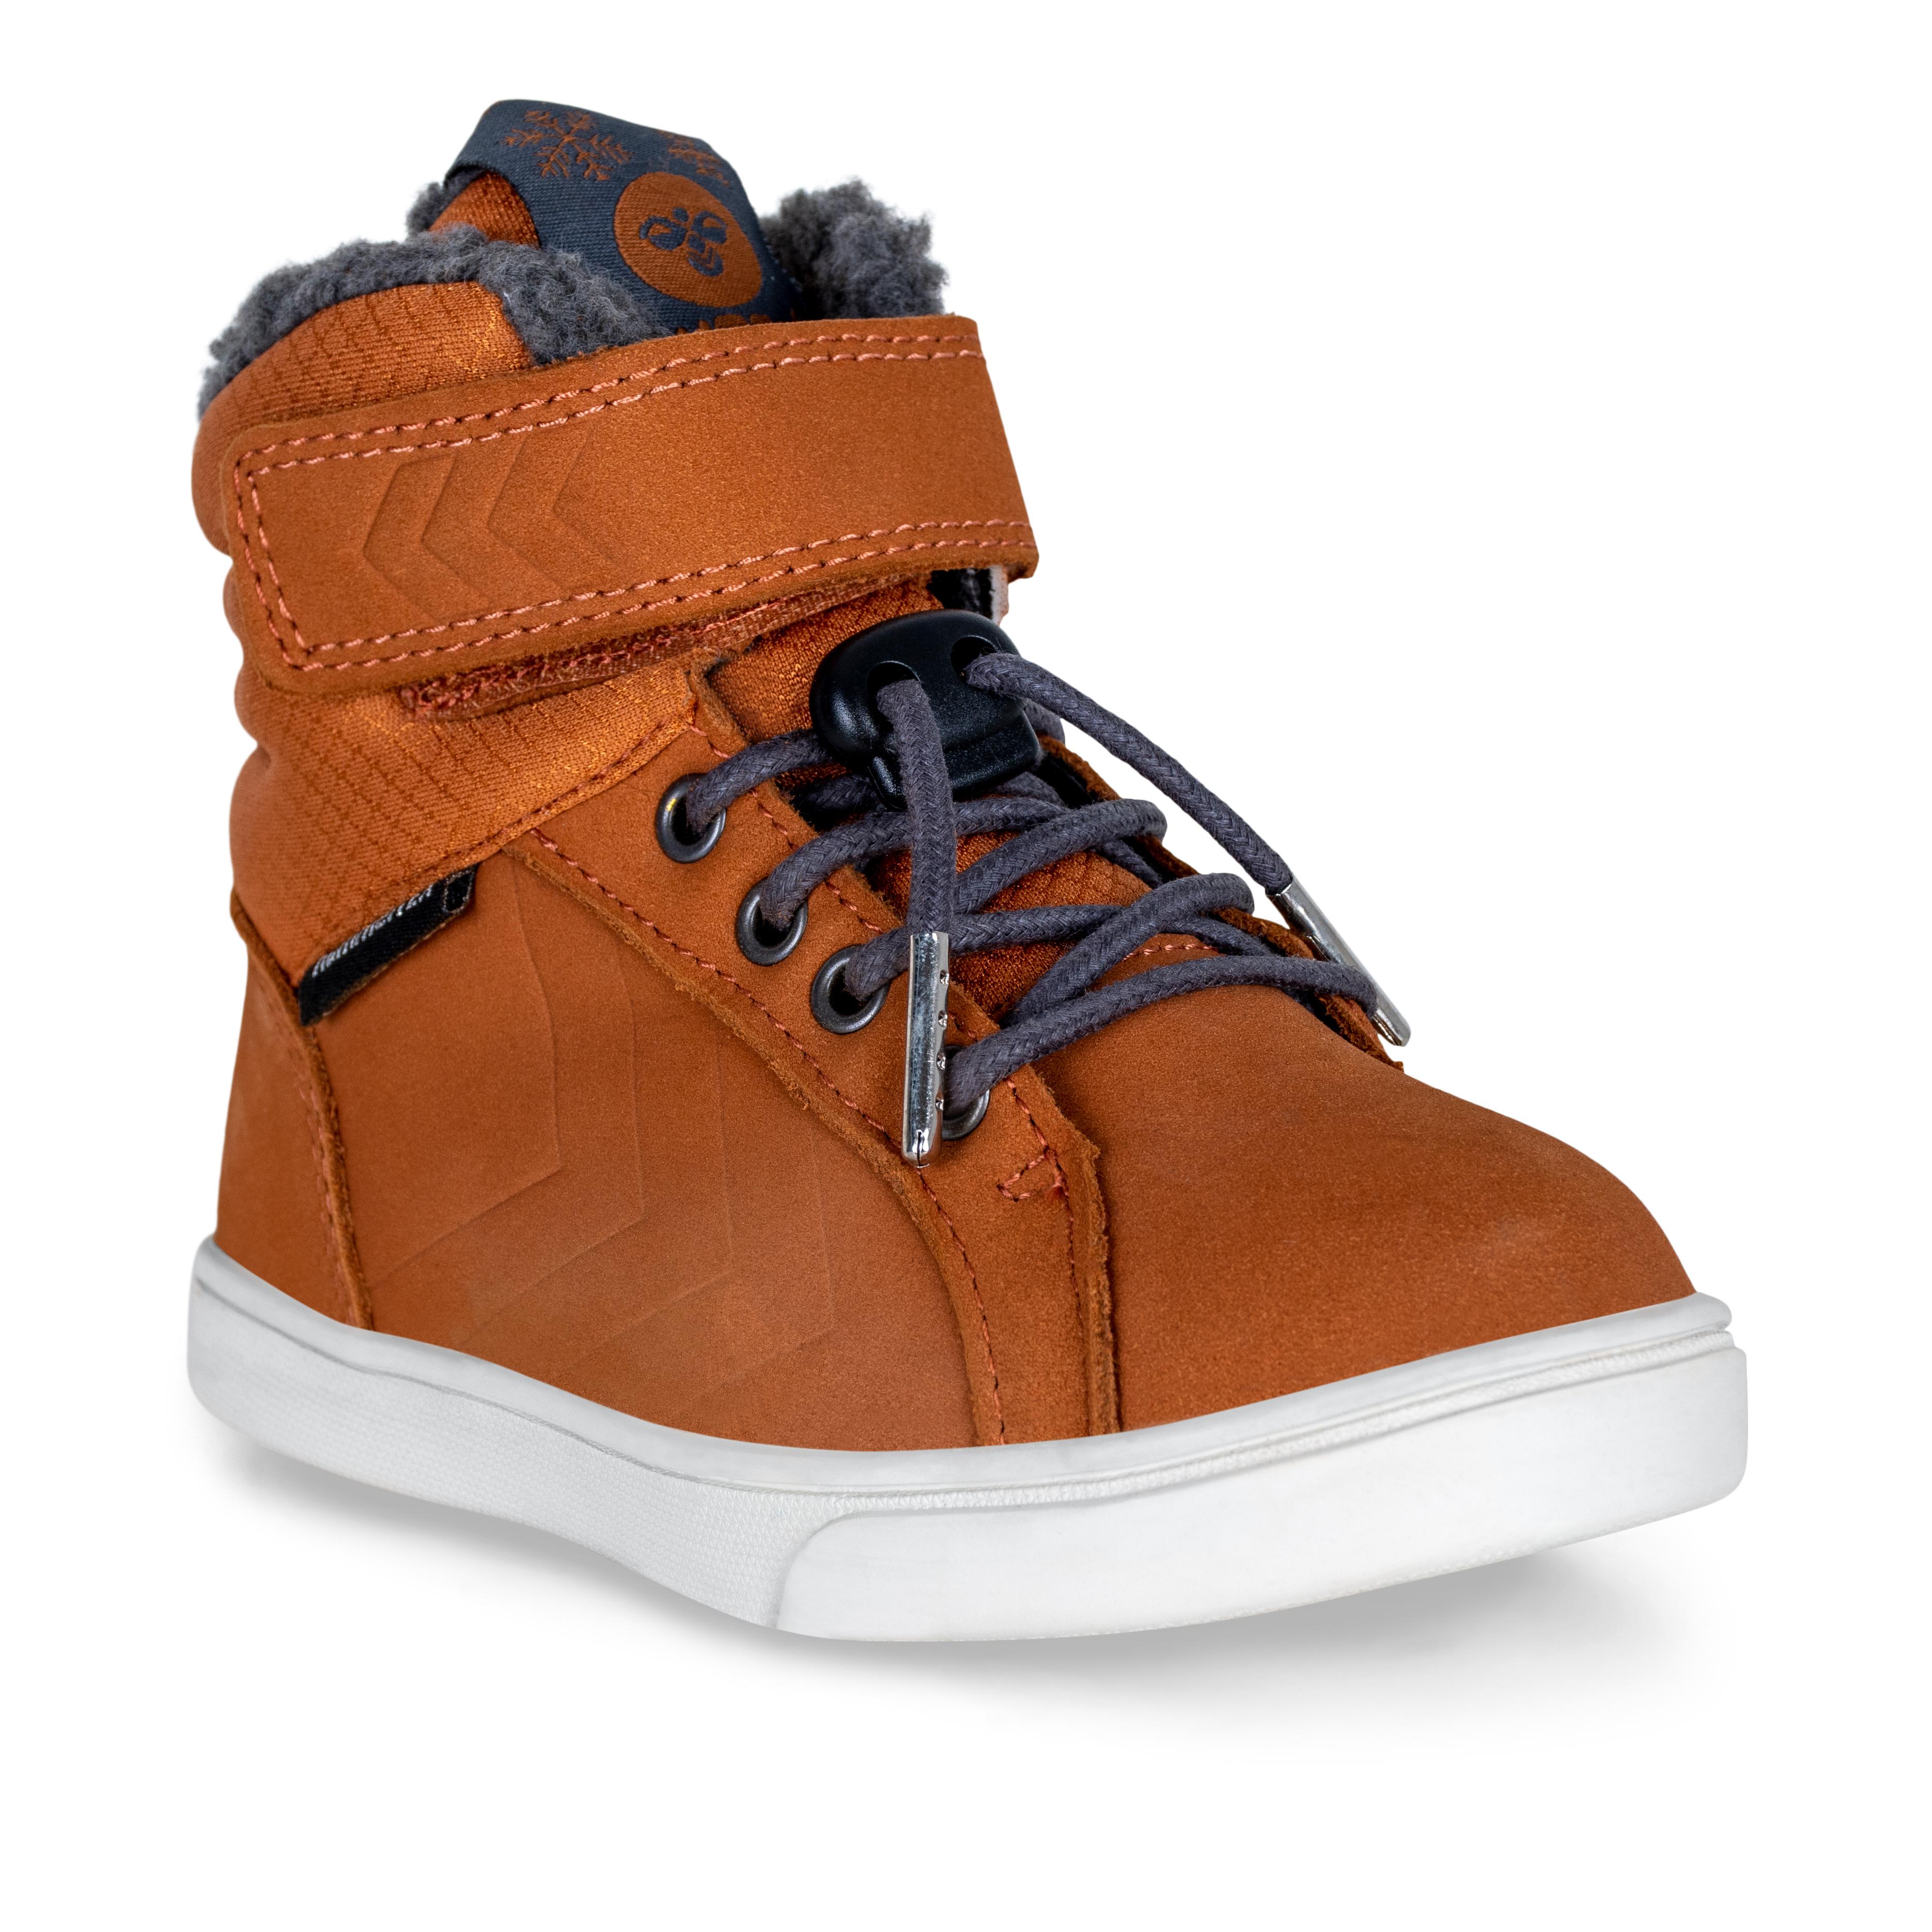 Hummel Splash Oiled Jr. støvle